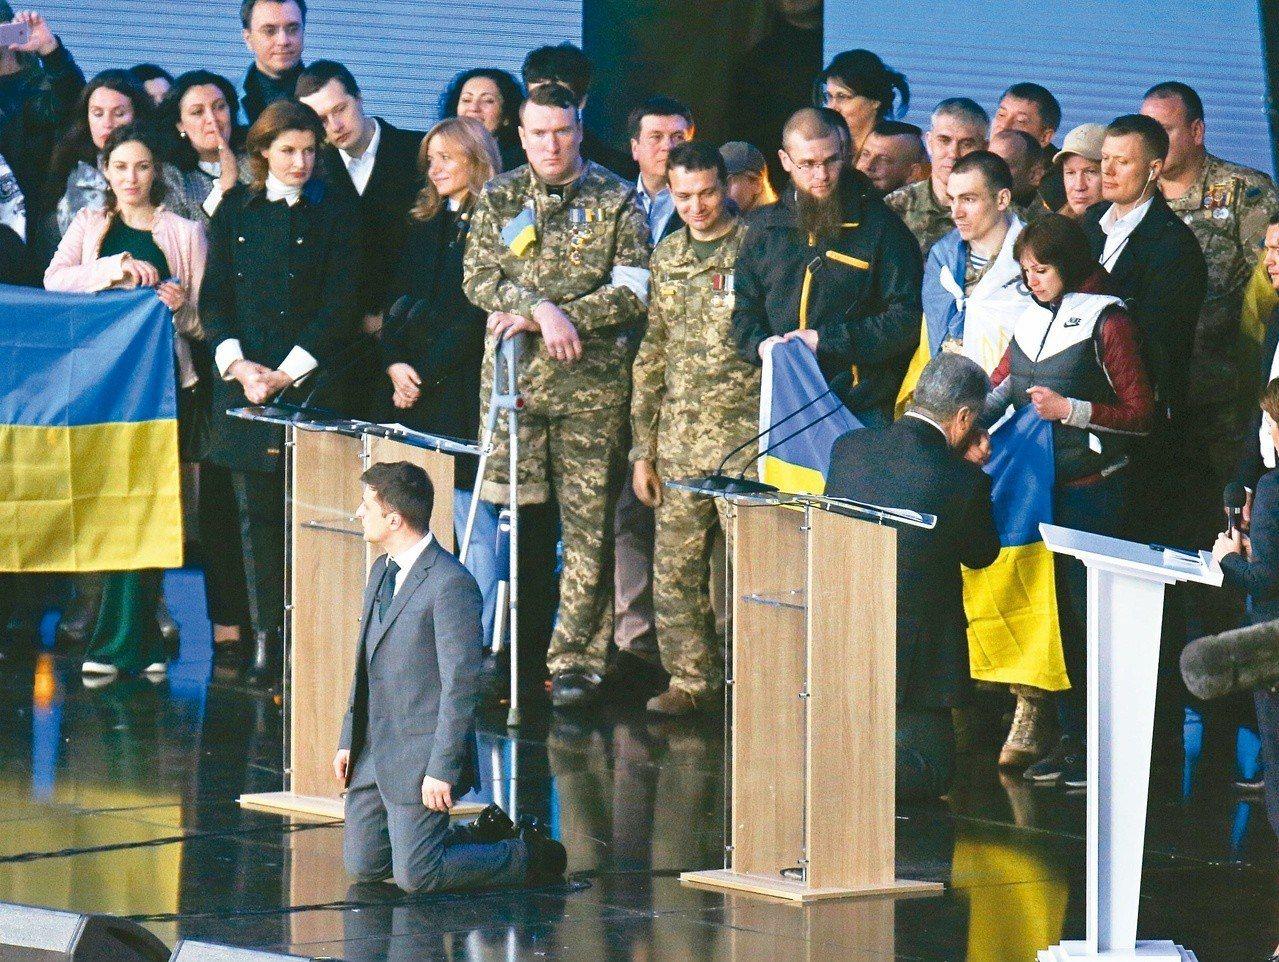 烏克蘭十九日舉行總統大選辯論,候選人澤倫斯基(左)講到激動處突然下跪,另一候選人...